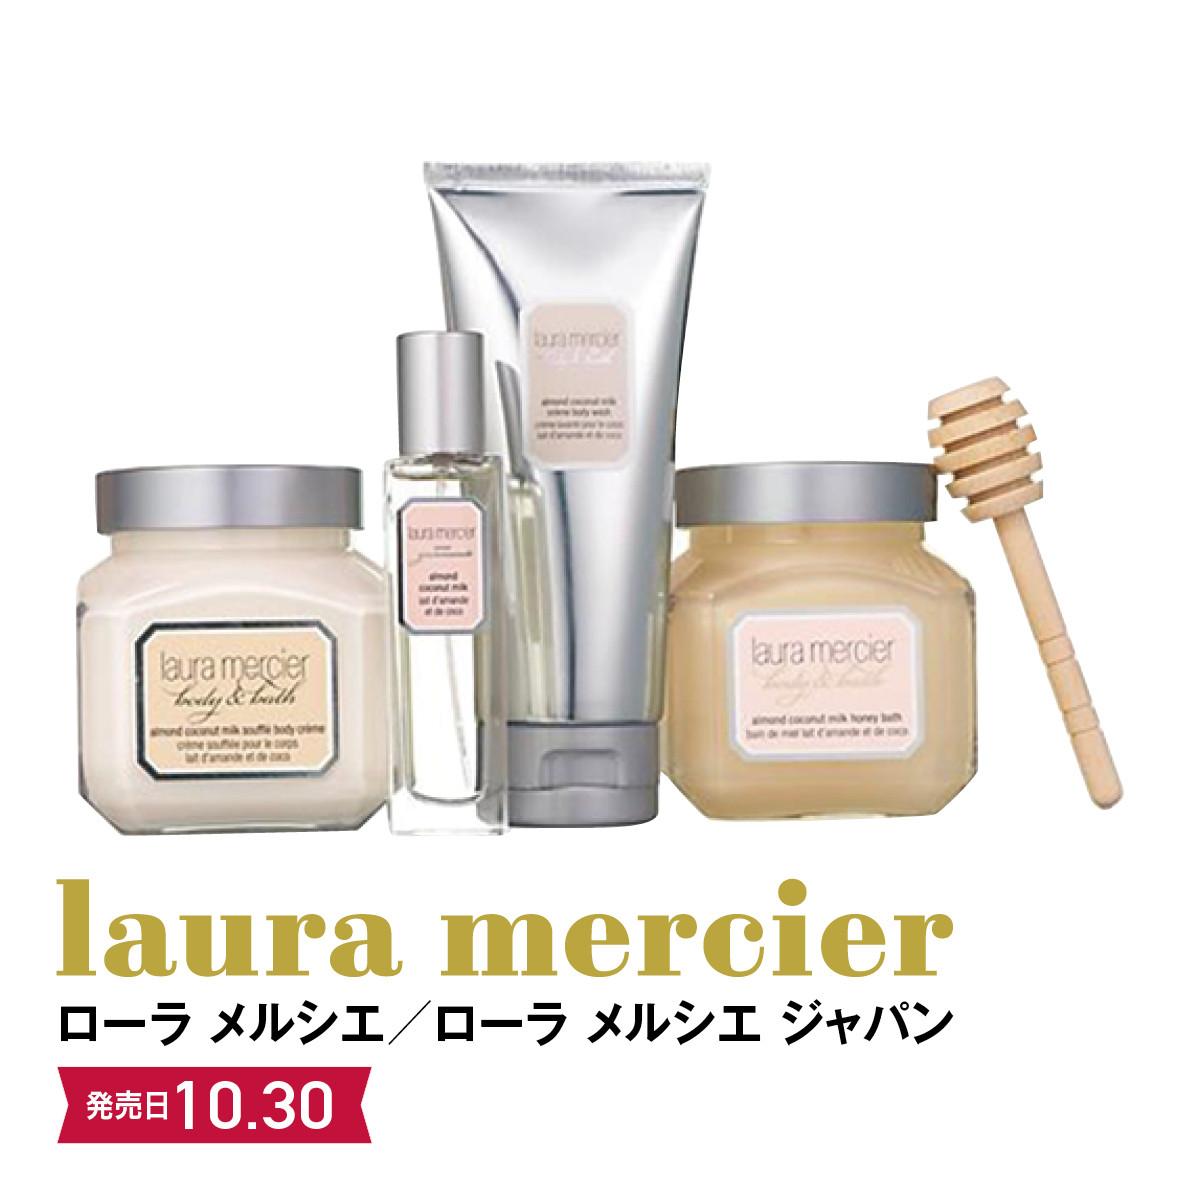 2019クリスマスコフレ&限定品: laura mercier/ローラ メルシエ